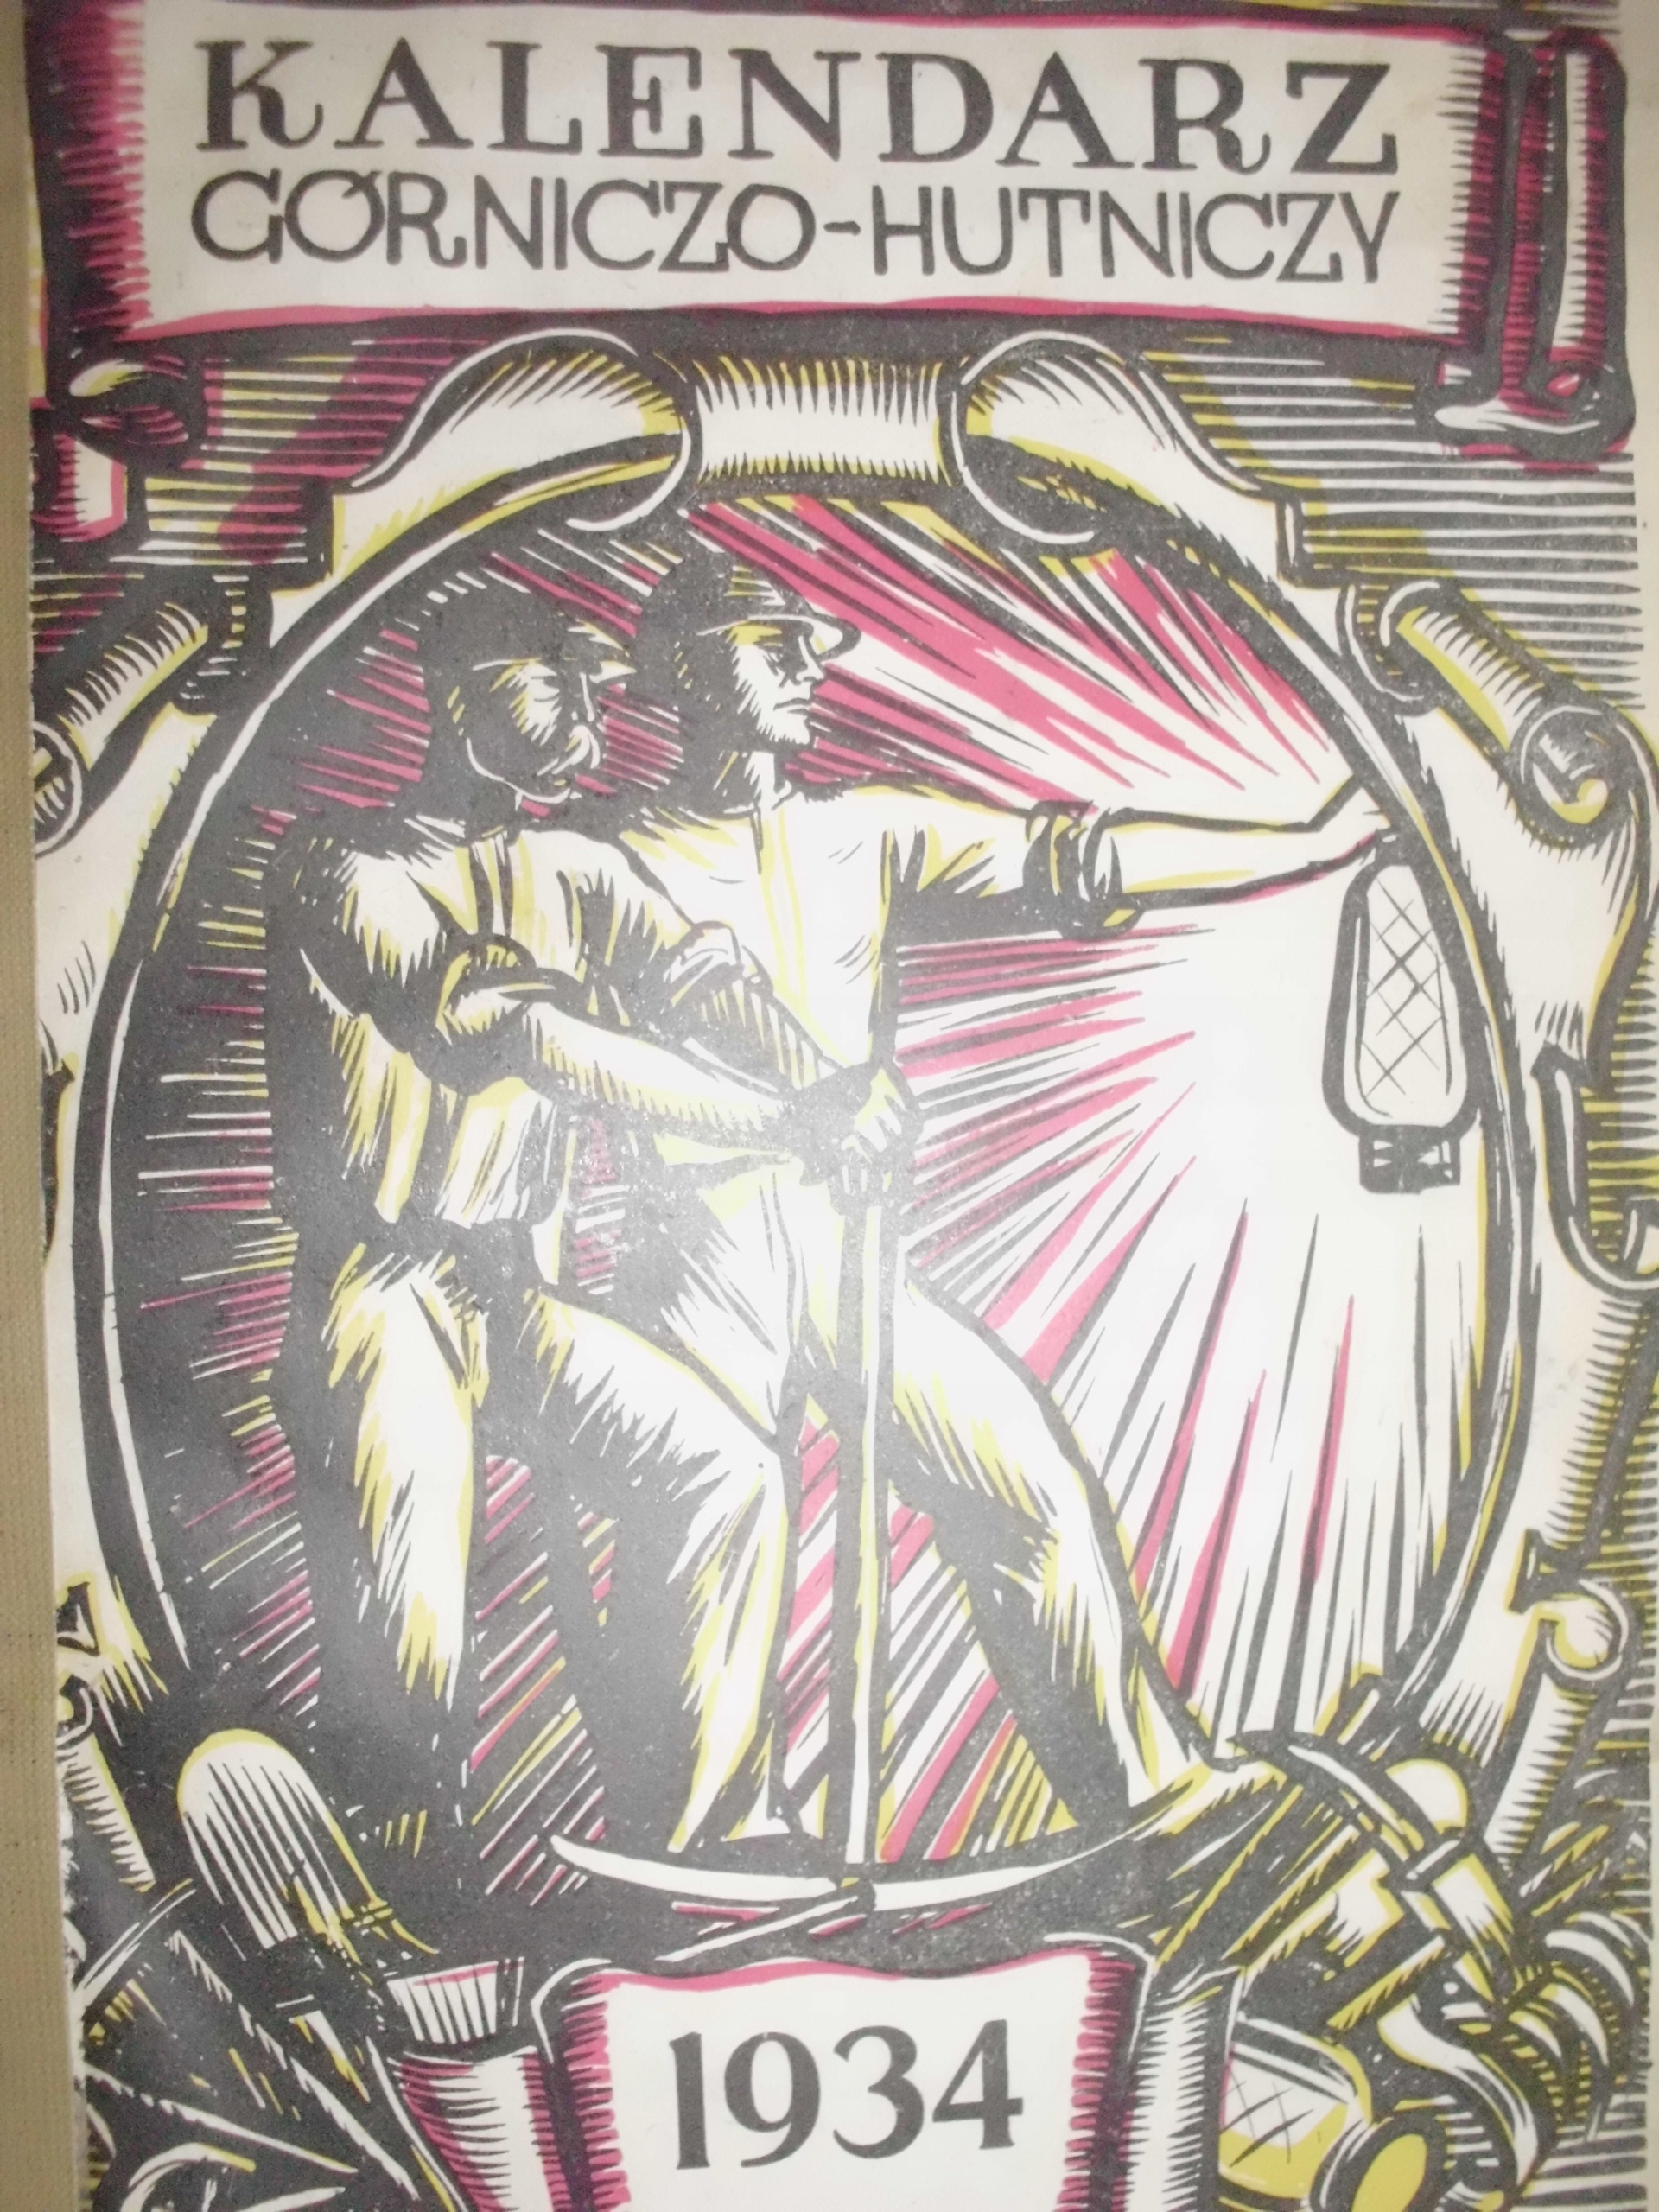 Kalendarz Górniczo-Hutniczy 1934